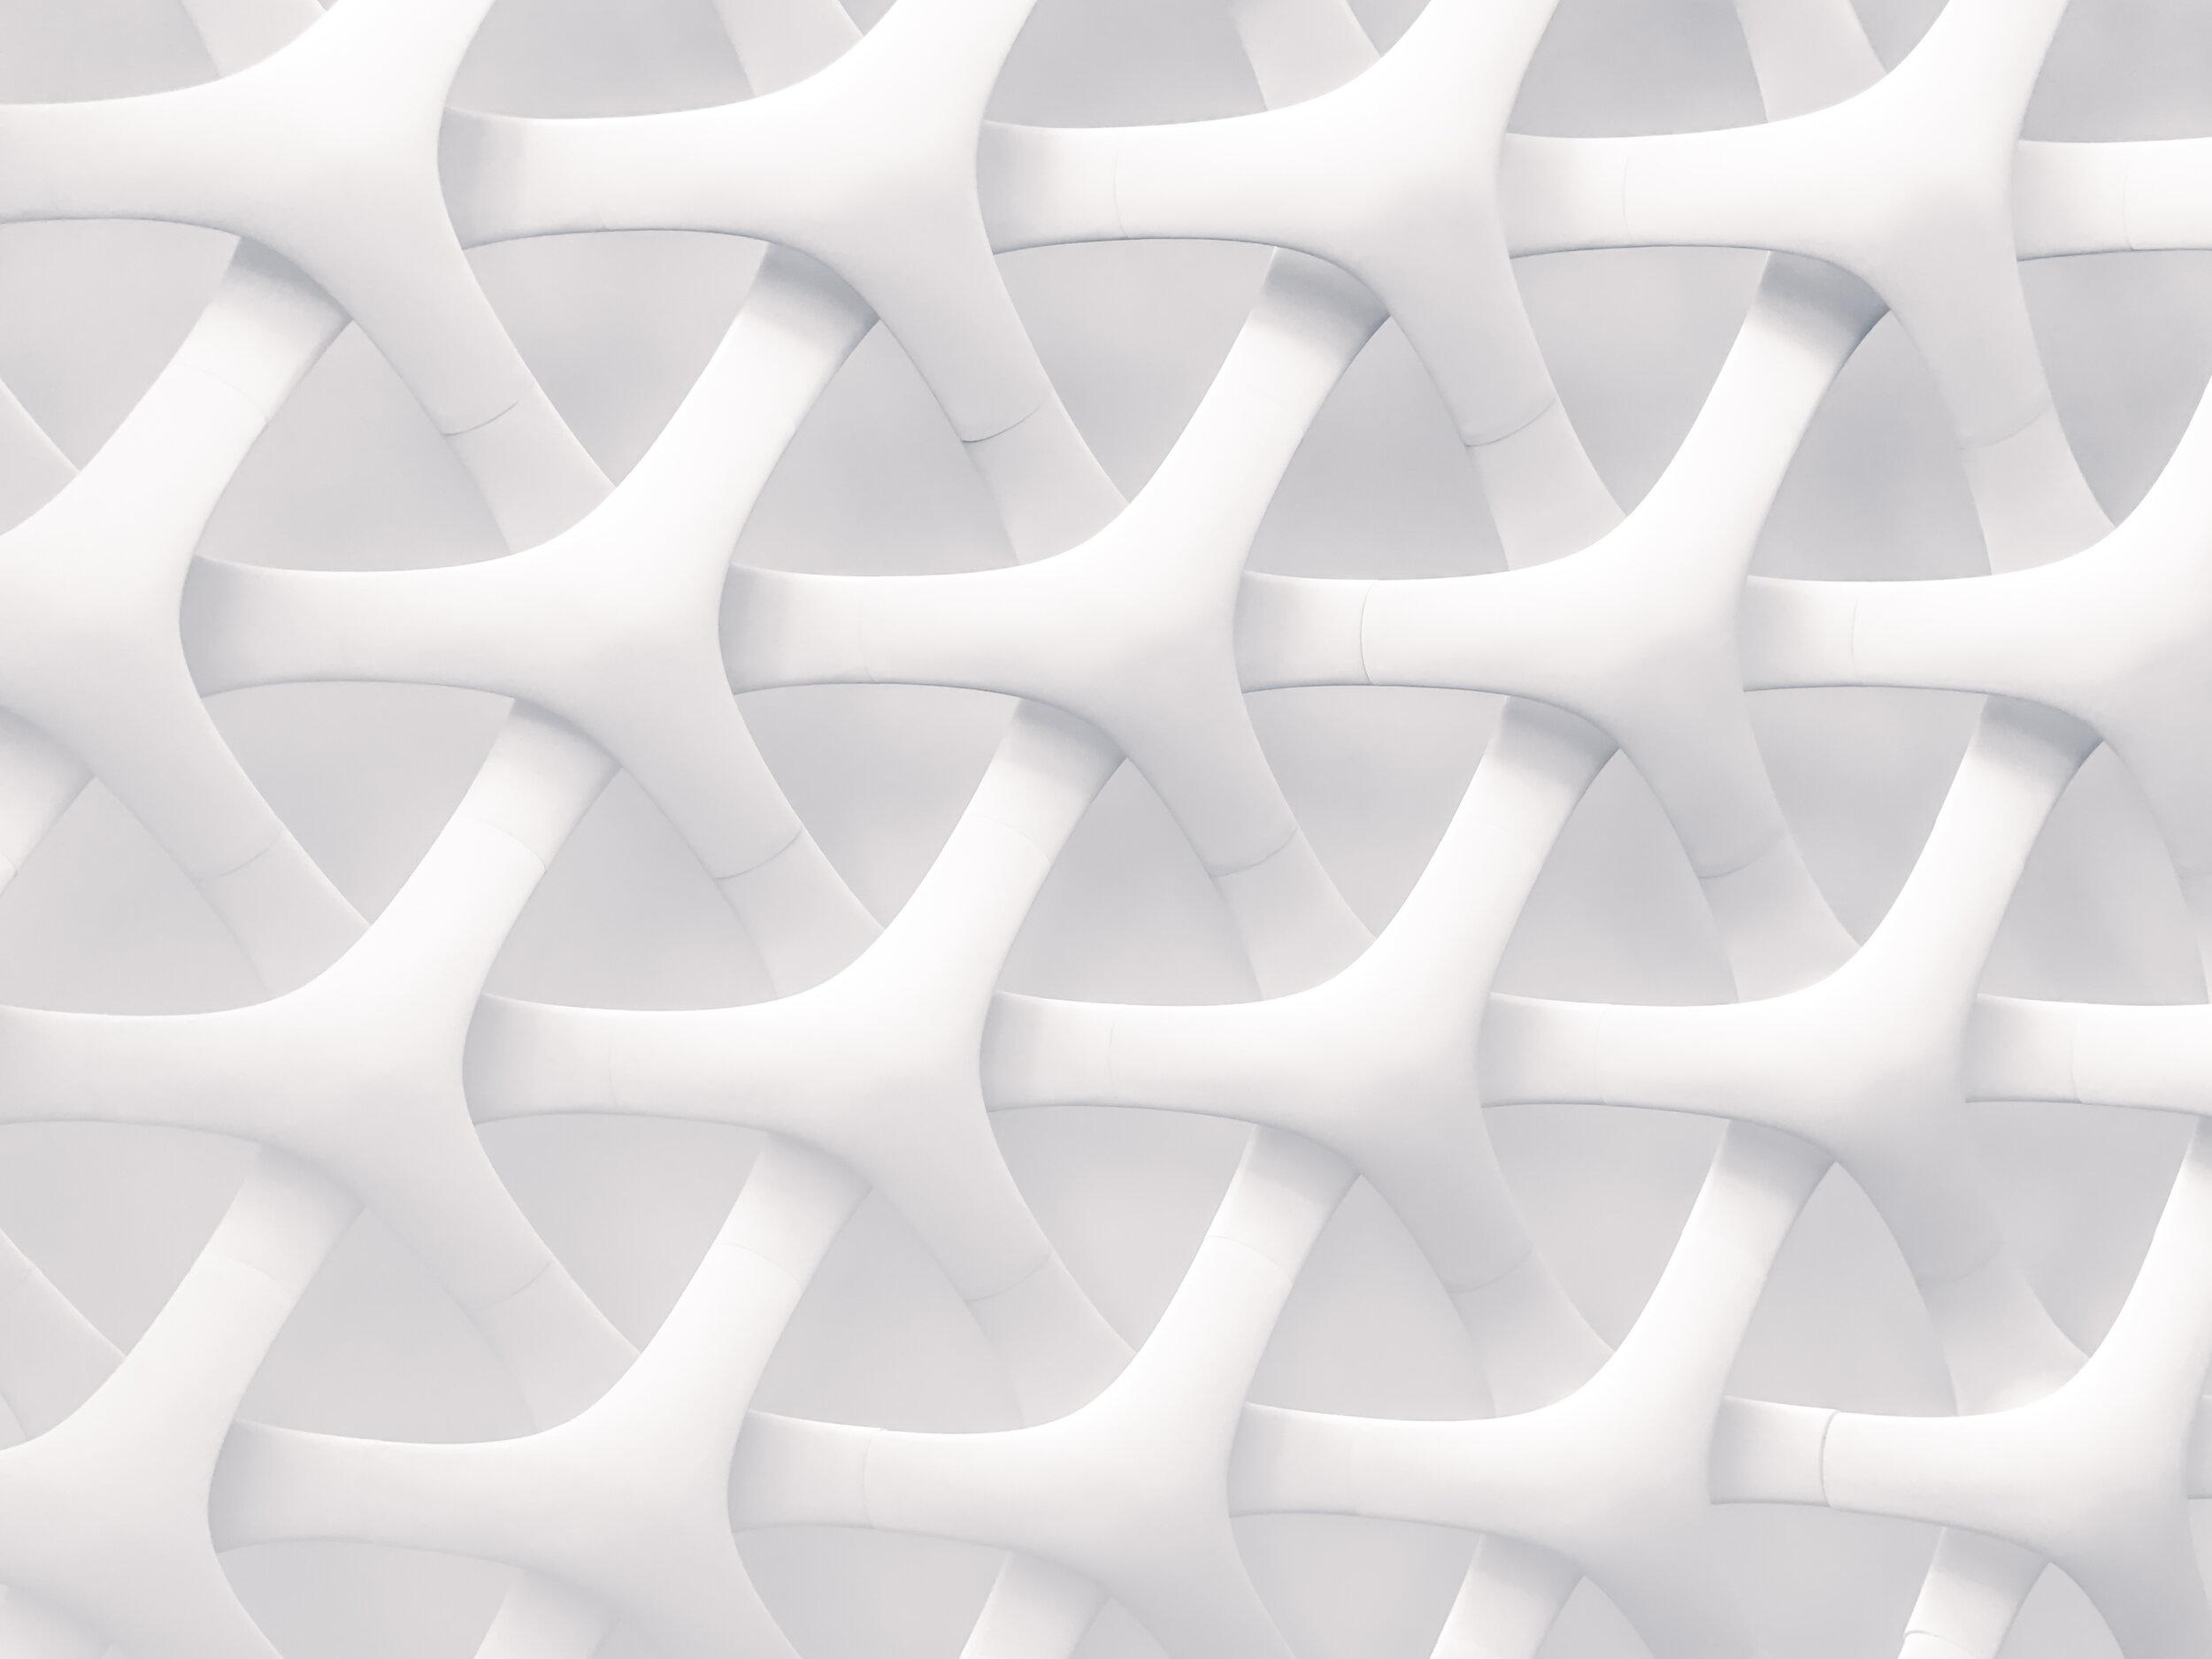 interlocked white shapes